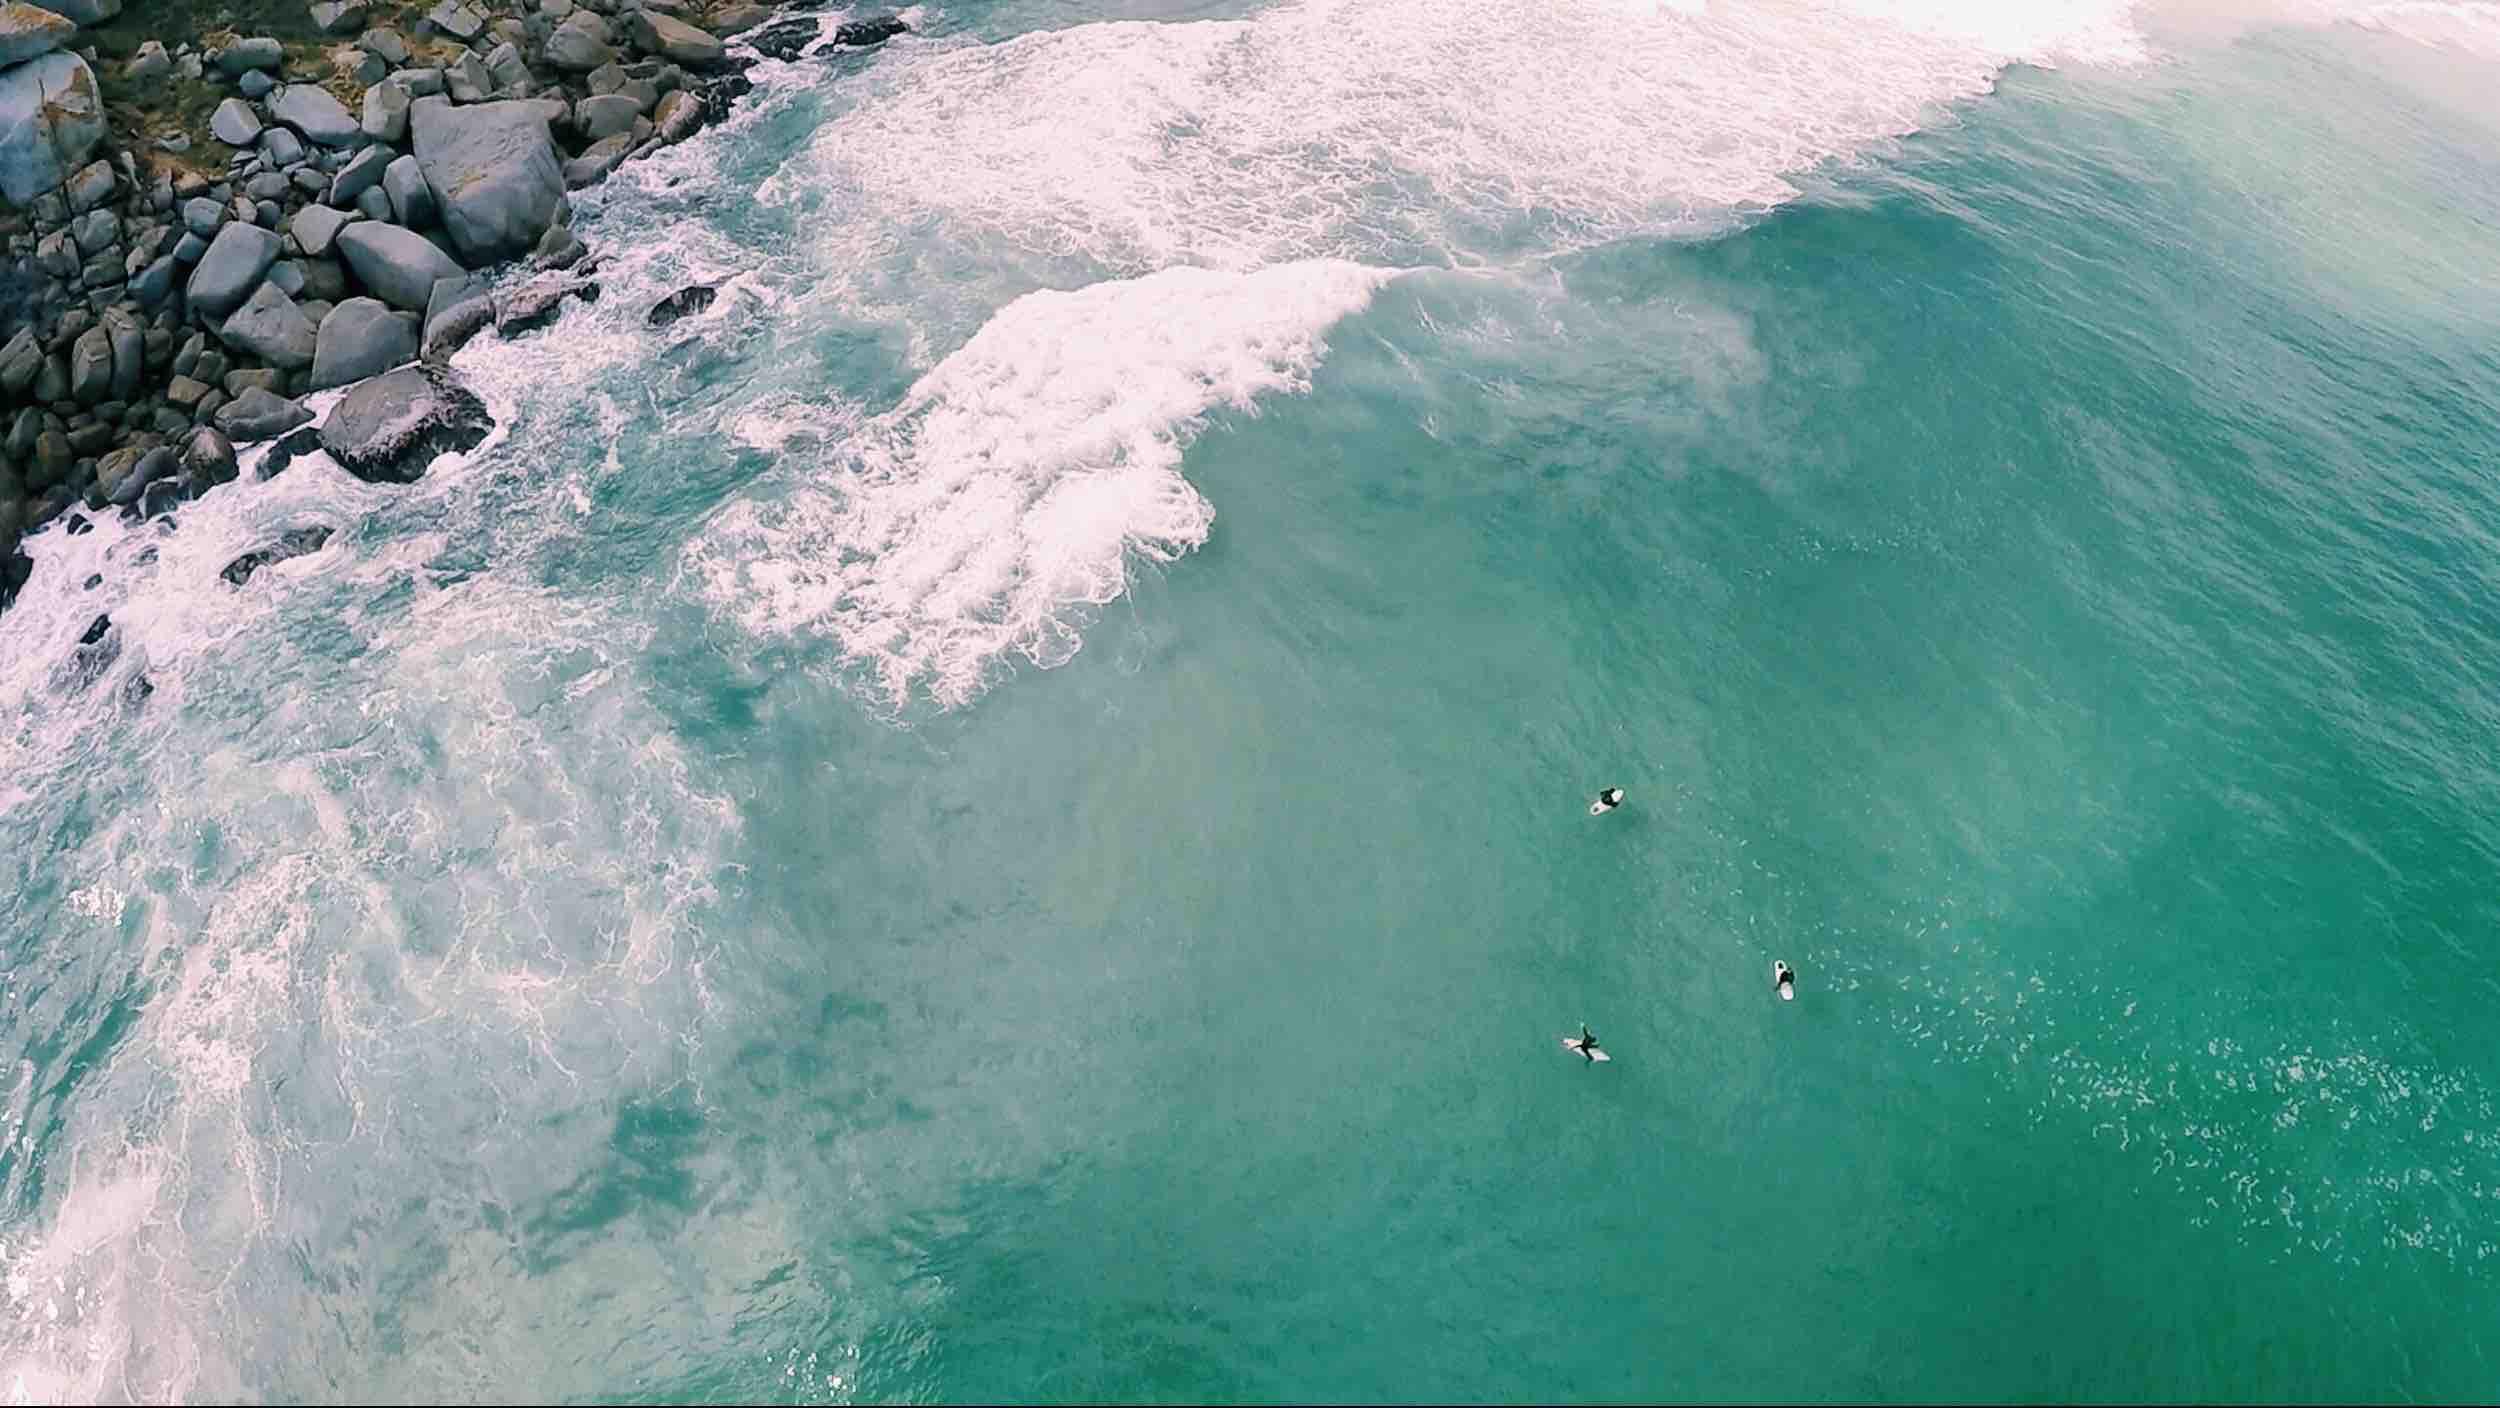 surfing_drone.jpg